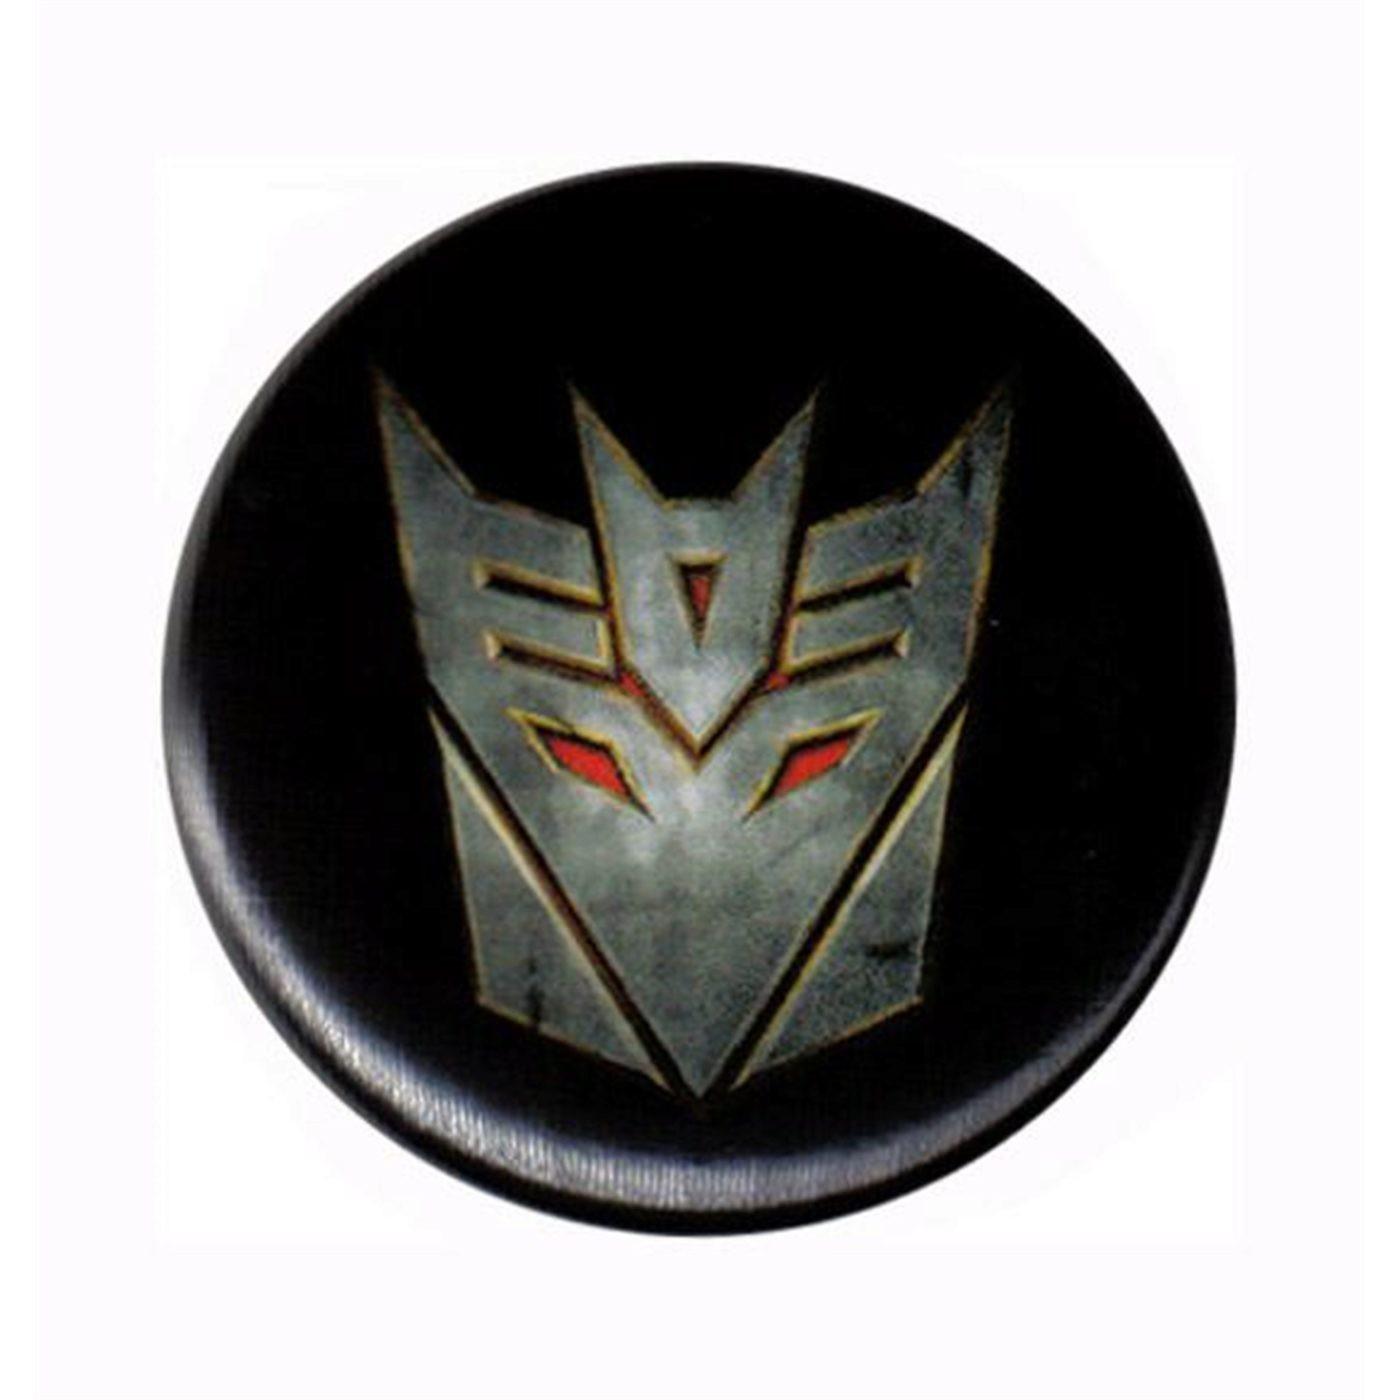 Transformers ROF Decepticon Symbol Button